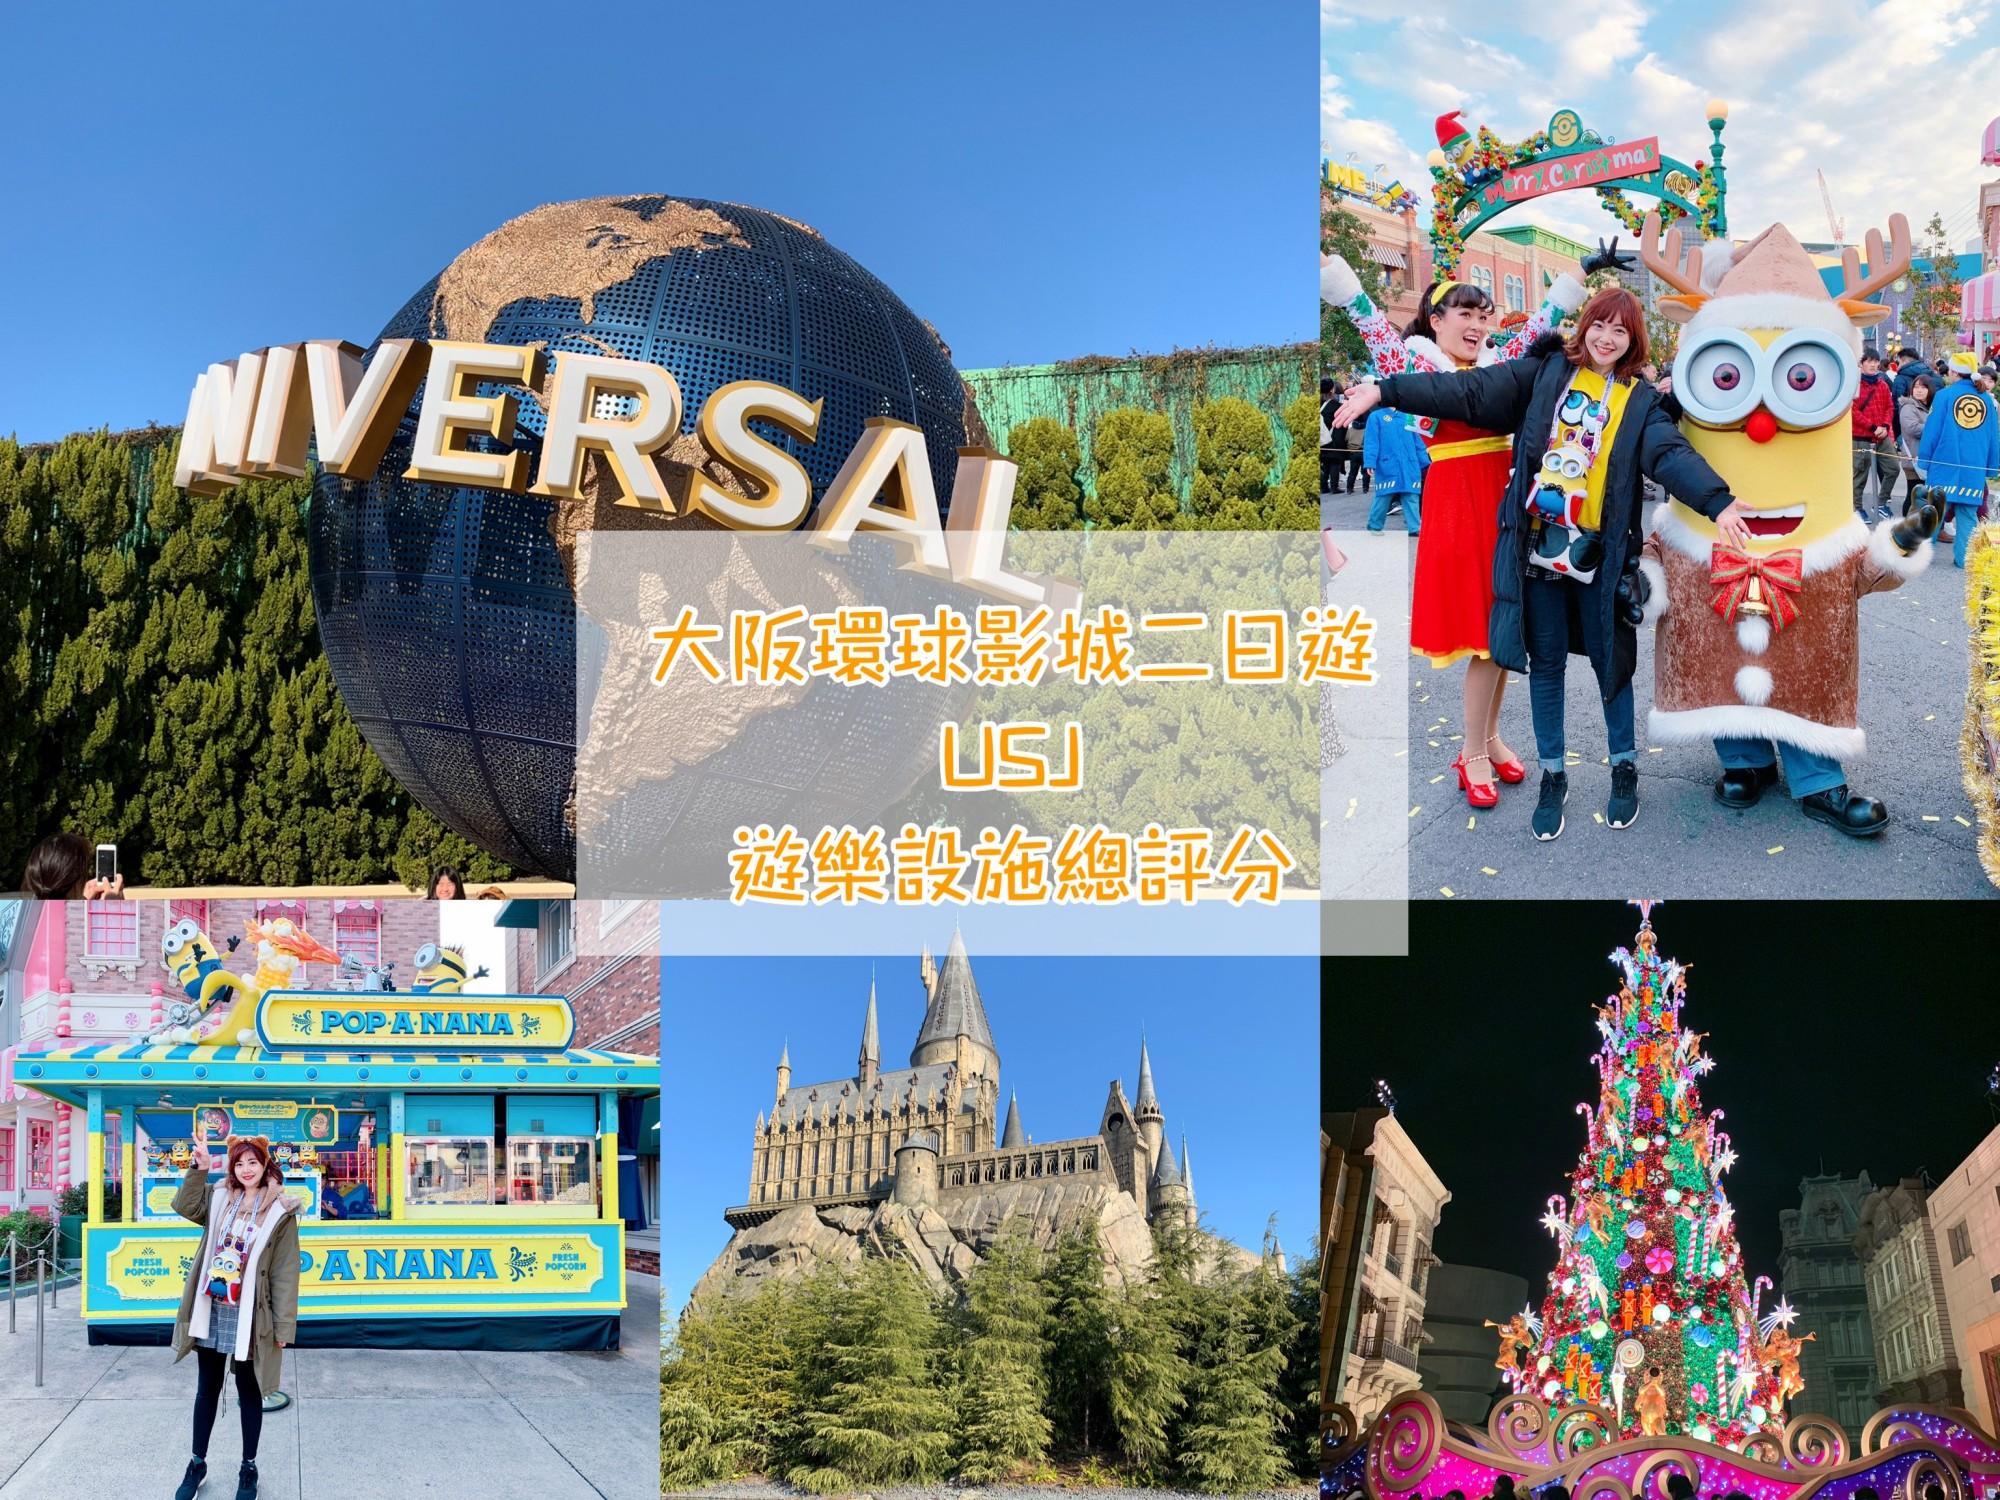 延伸閱讀:☆【2019。大阪】USJ環球影城。玩一天?玩兩天?要買快速通關嗎?